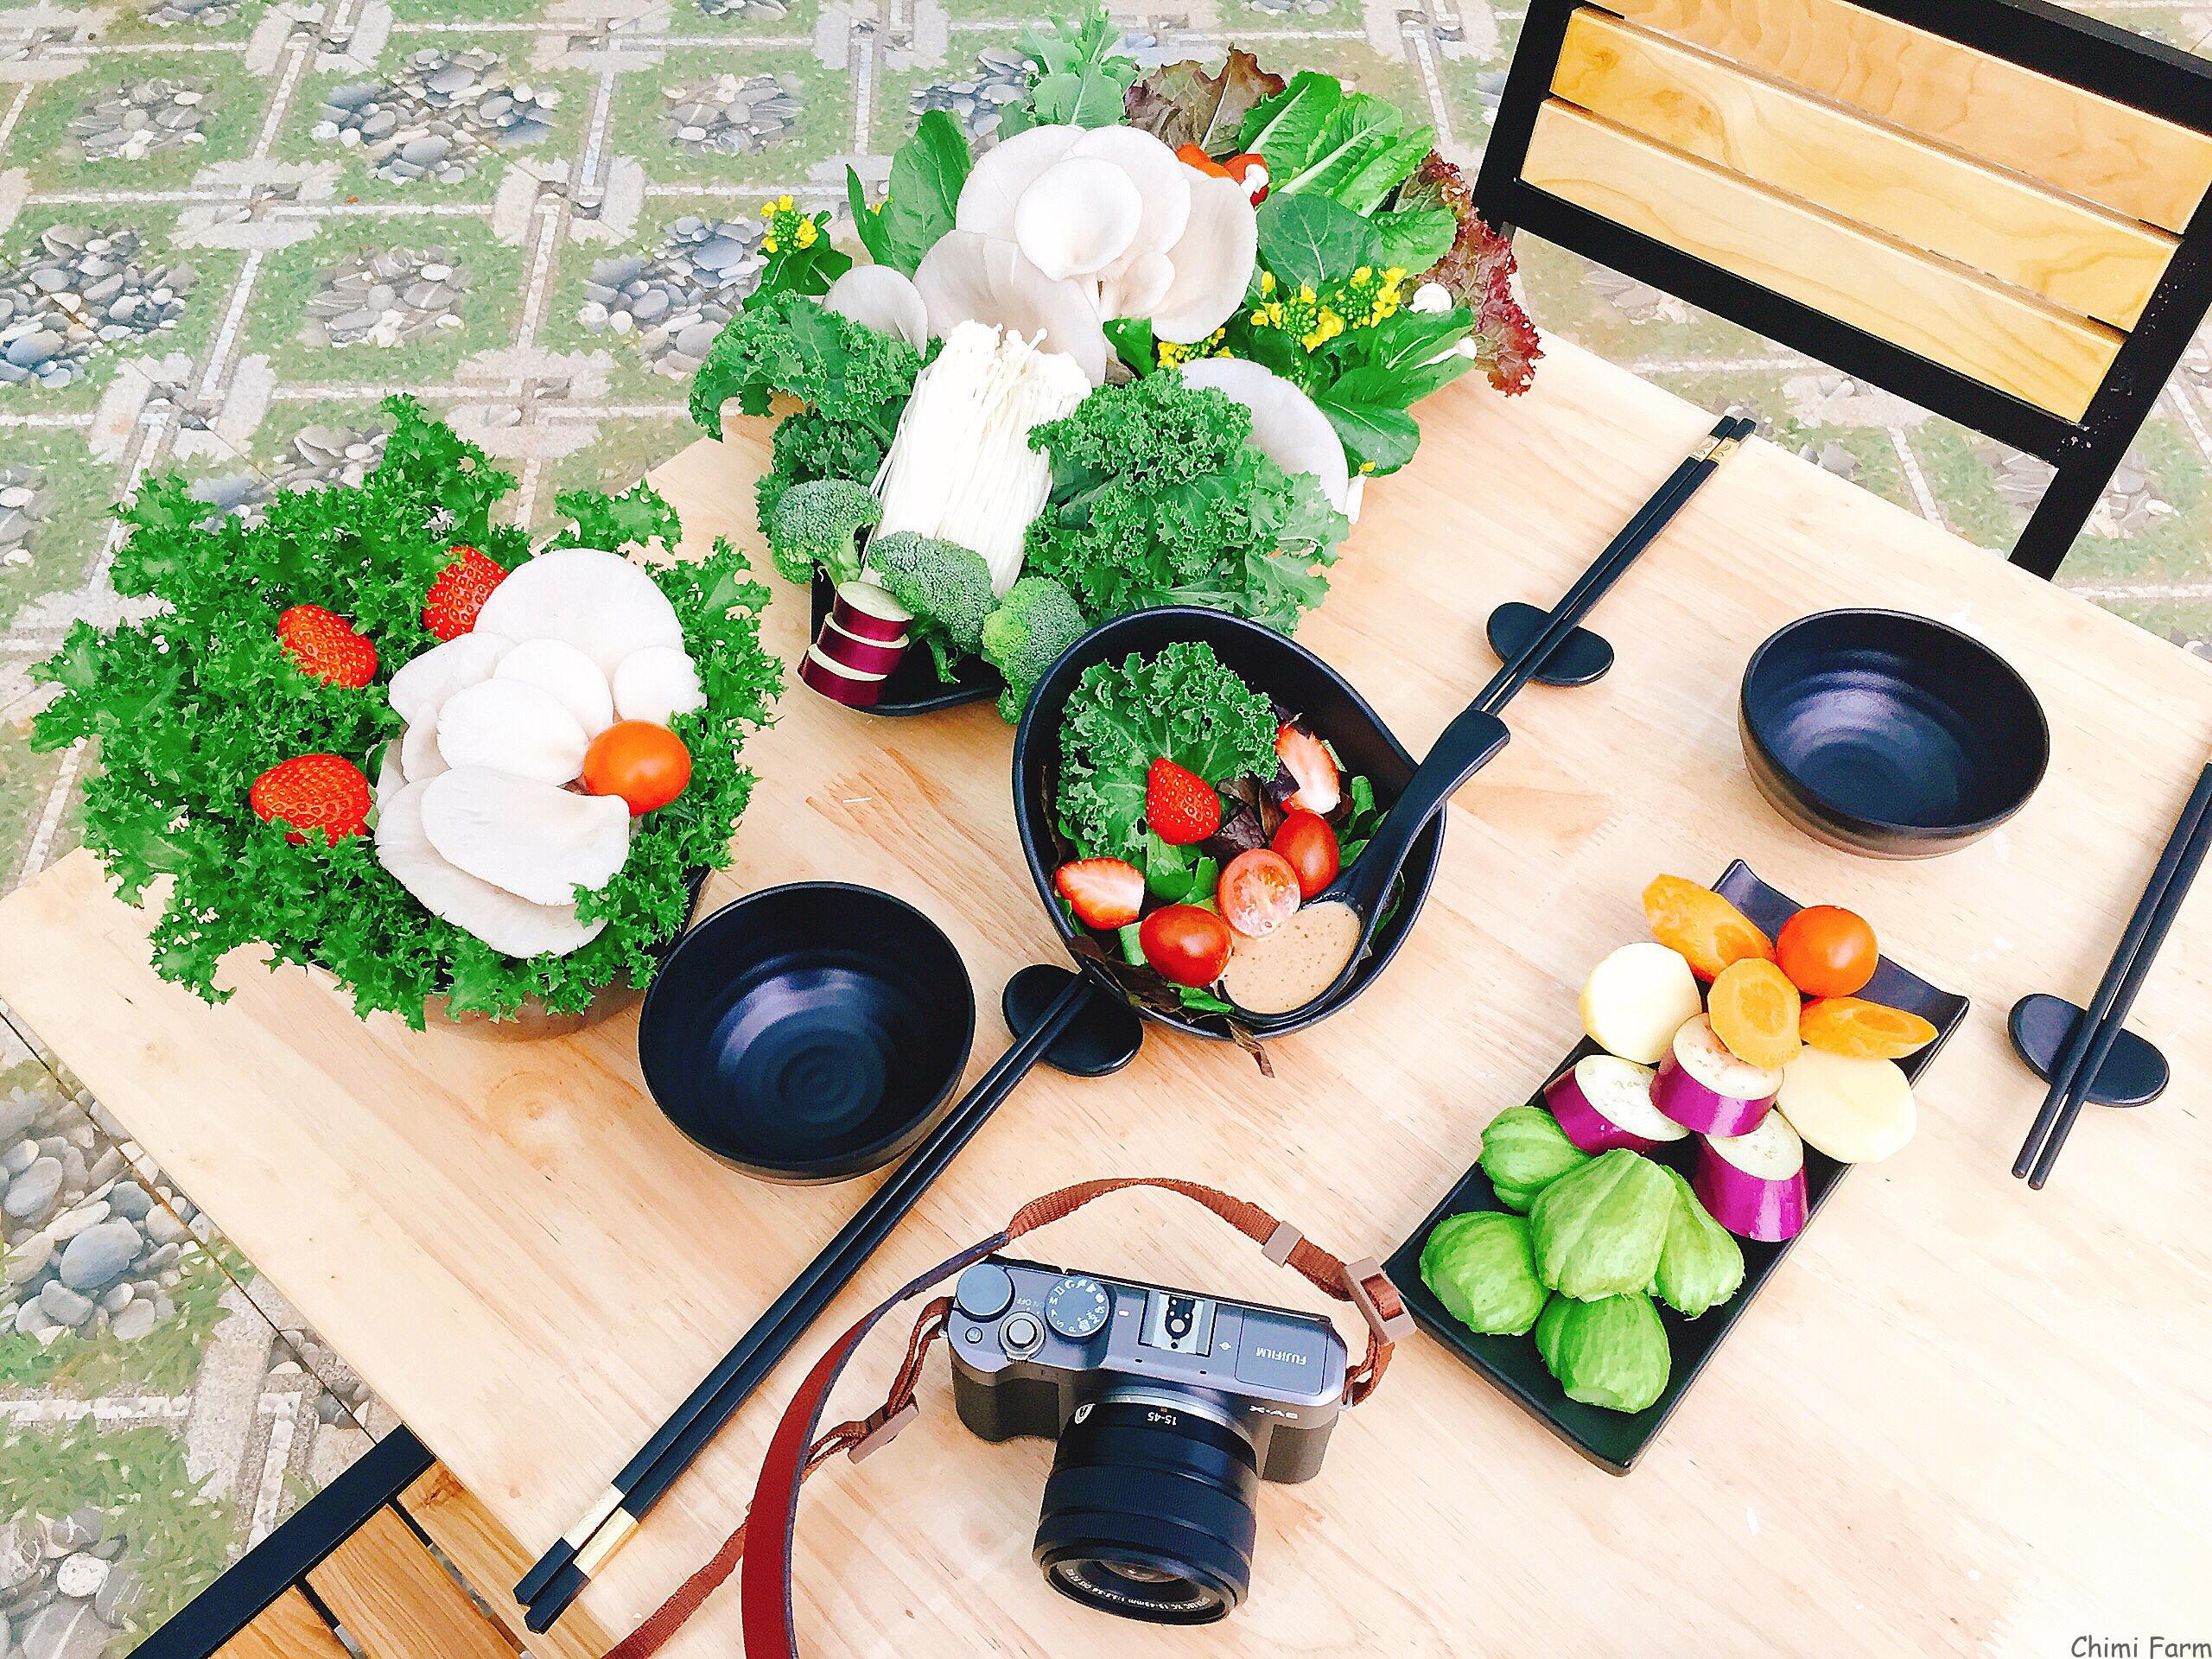 Các loại rau cải xoăn kale, salad đặc biệt